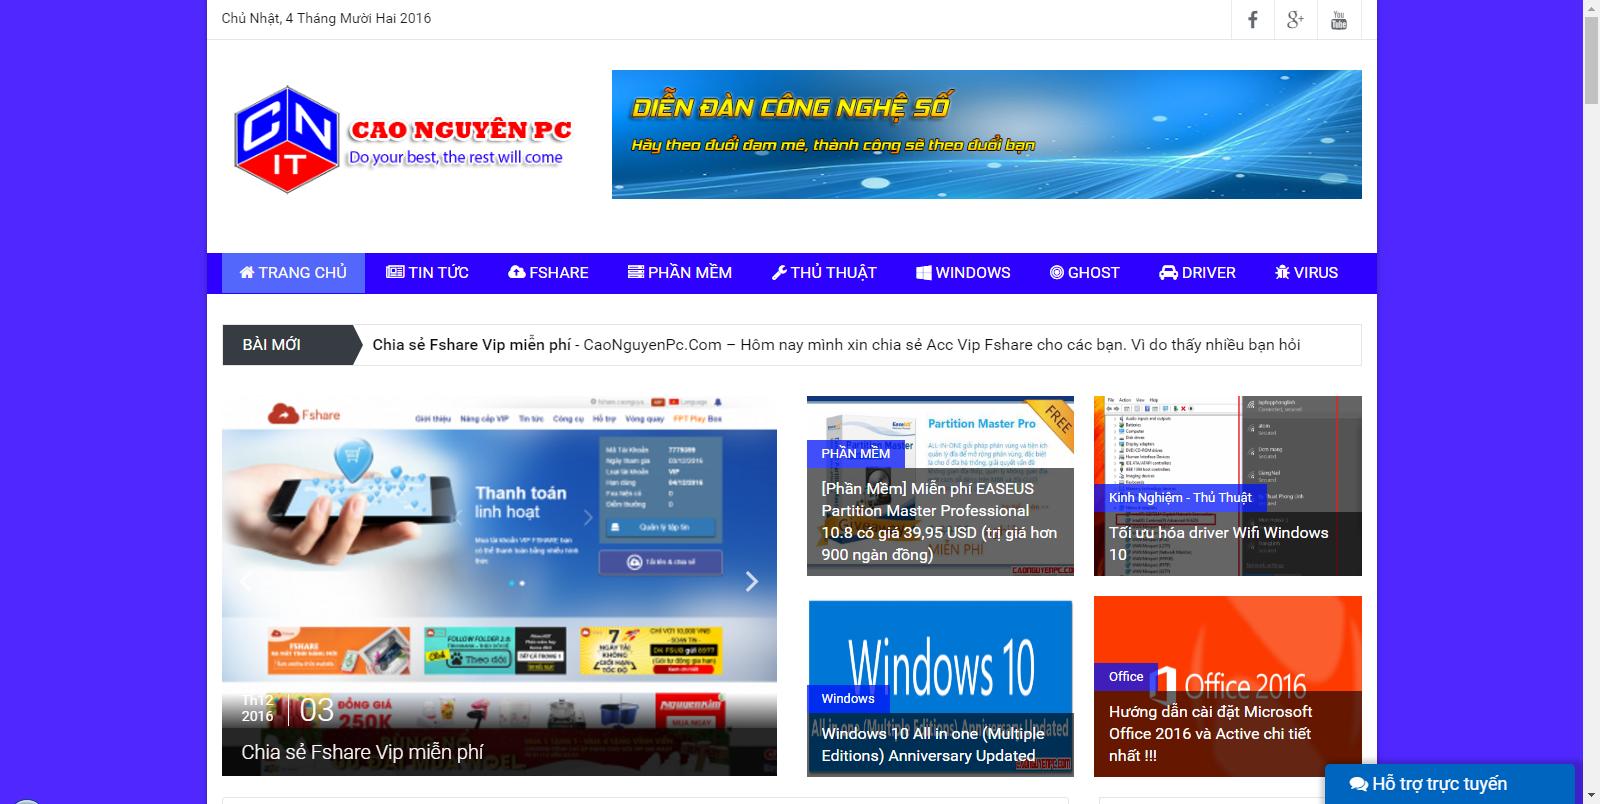 Tổng hợp những bài viết hướng dẫn chia sẻ phần mềm hay dùng